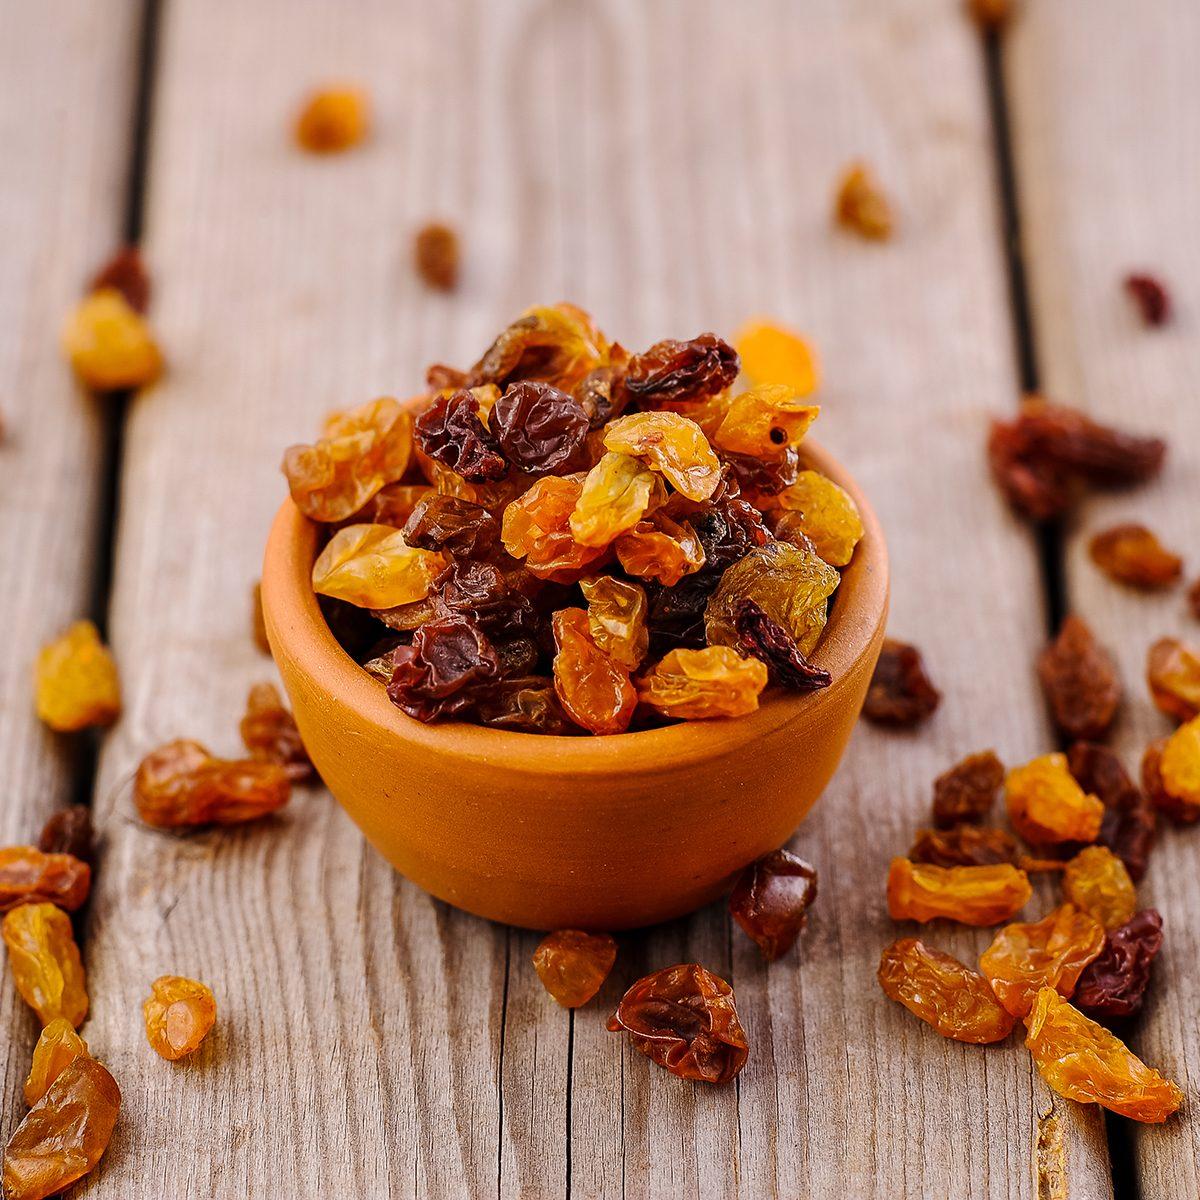 raisins-shutterstock_624794042